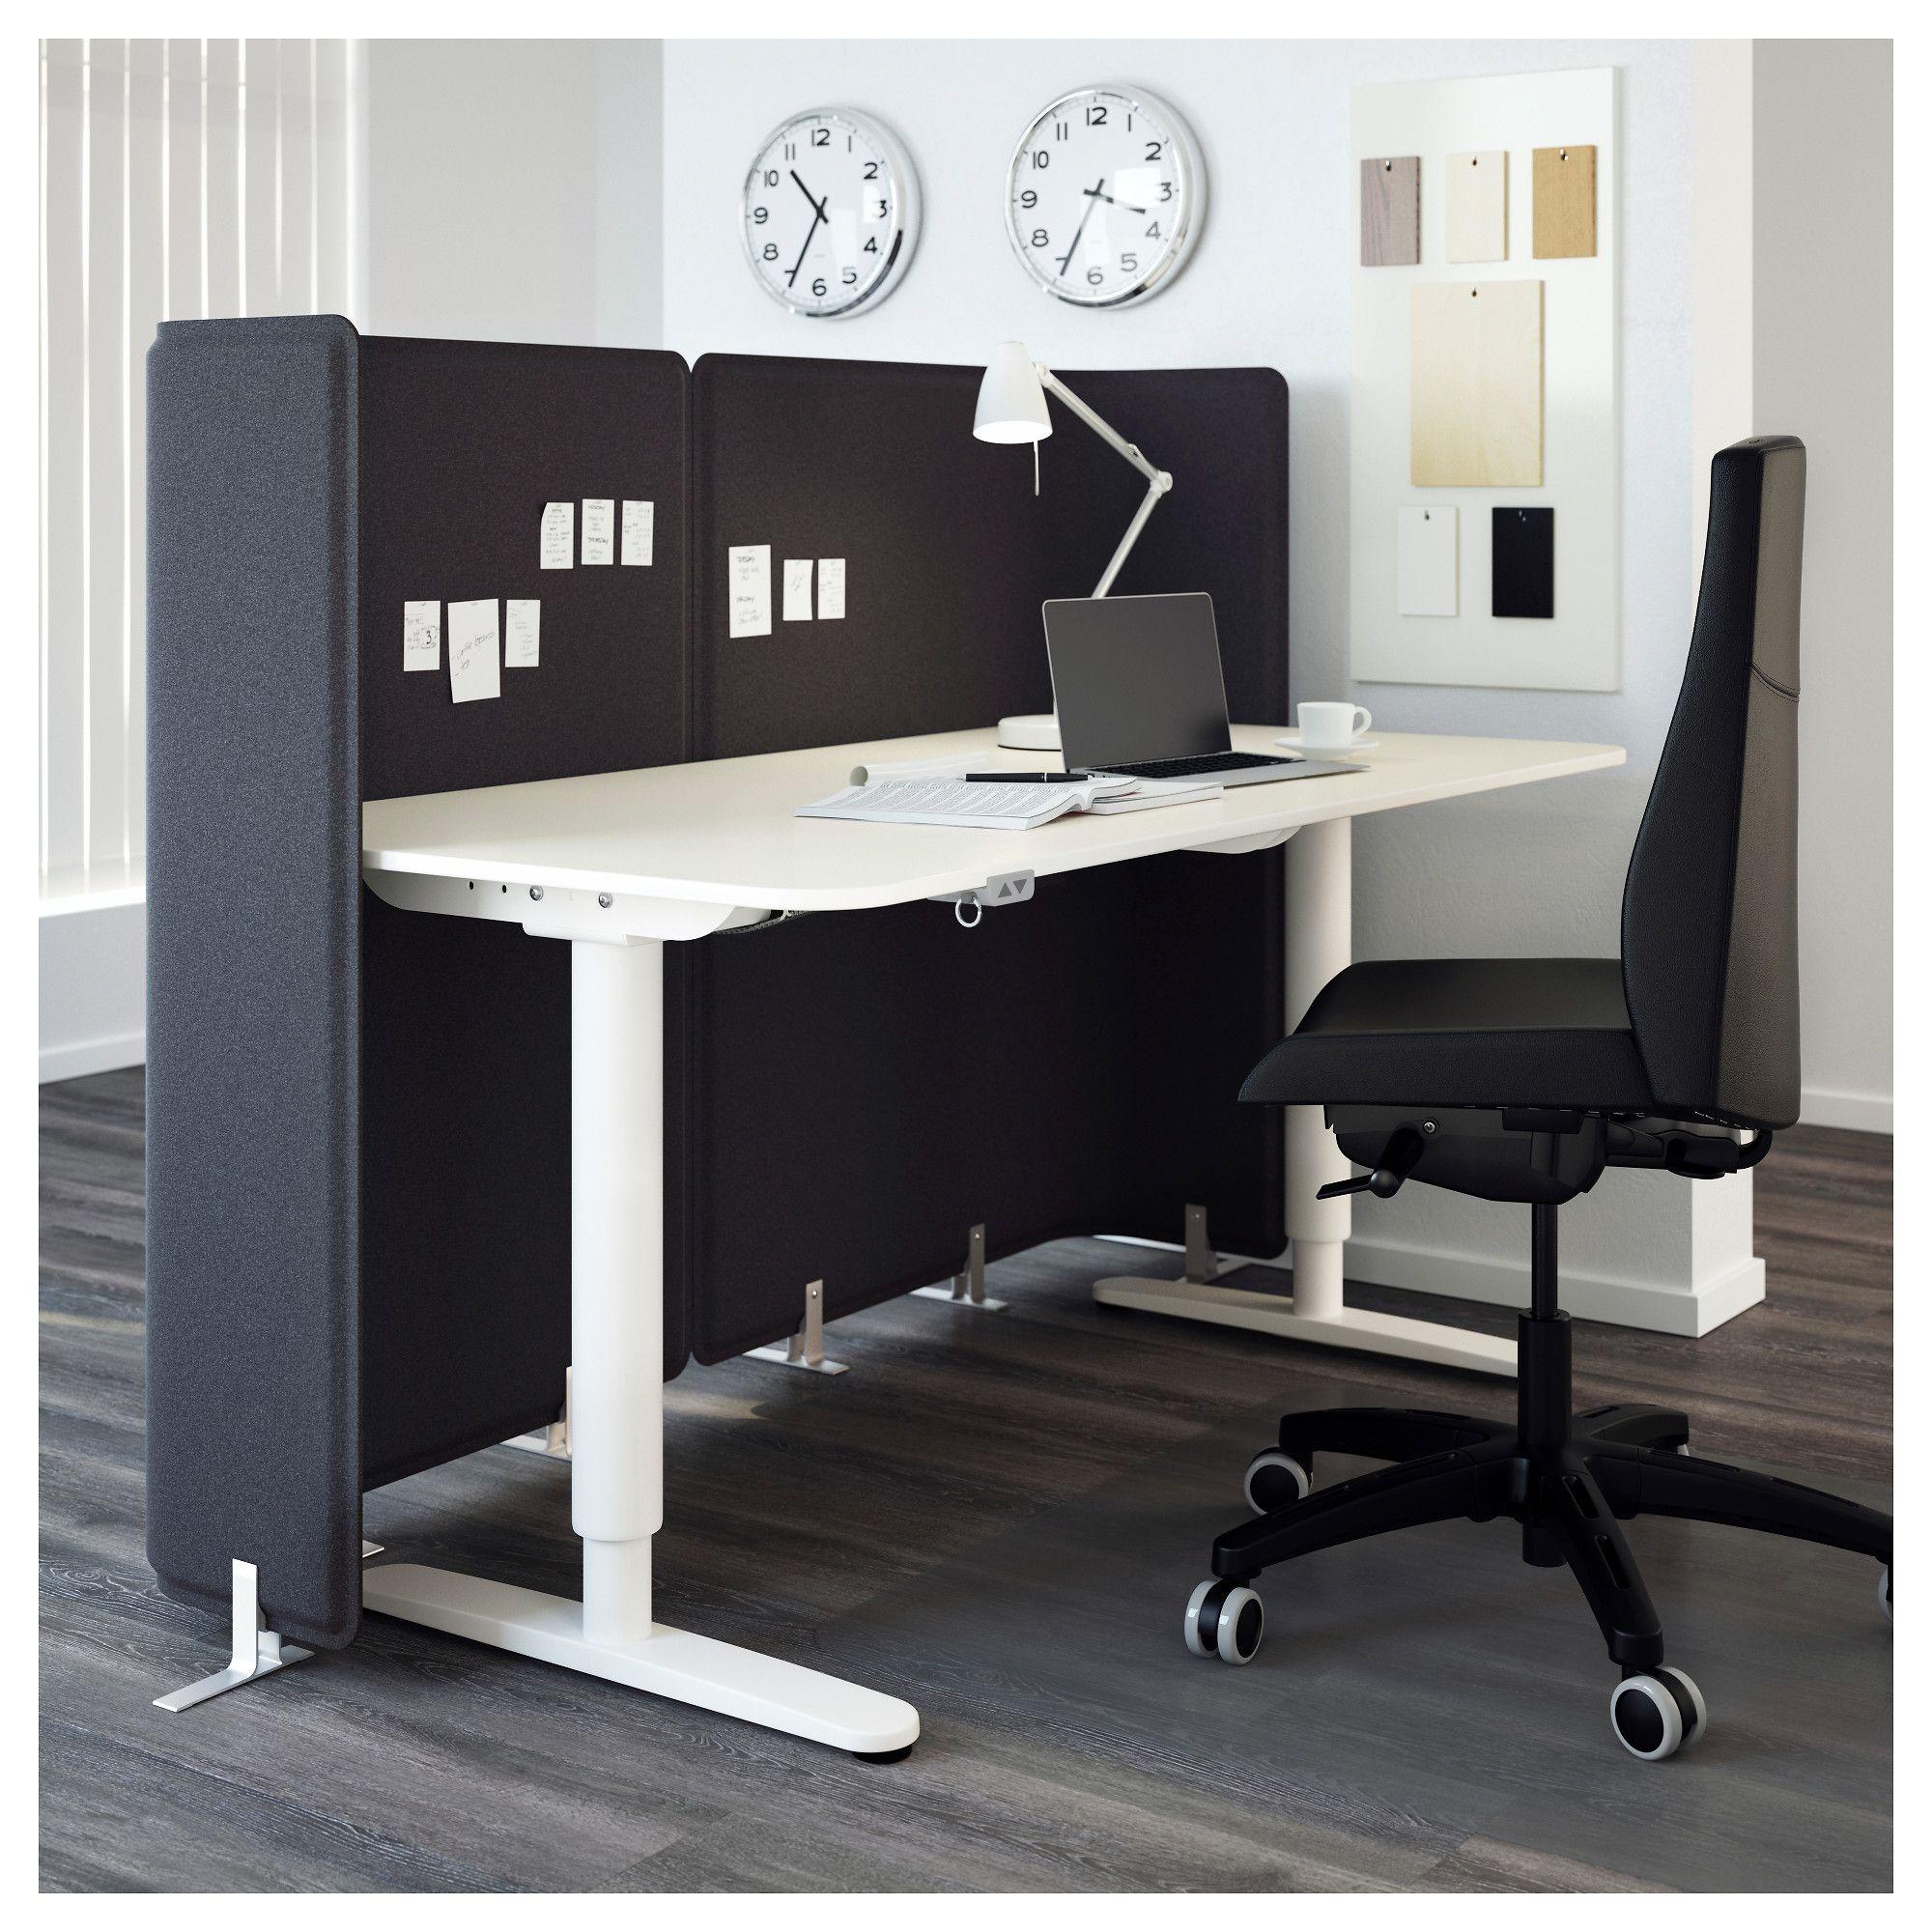 ikea bekant reception desk sit stand white in 2019 office ikea rh pinterest com